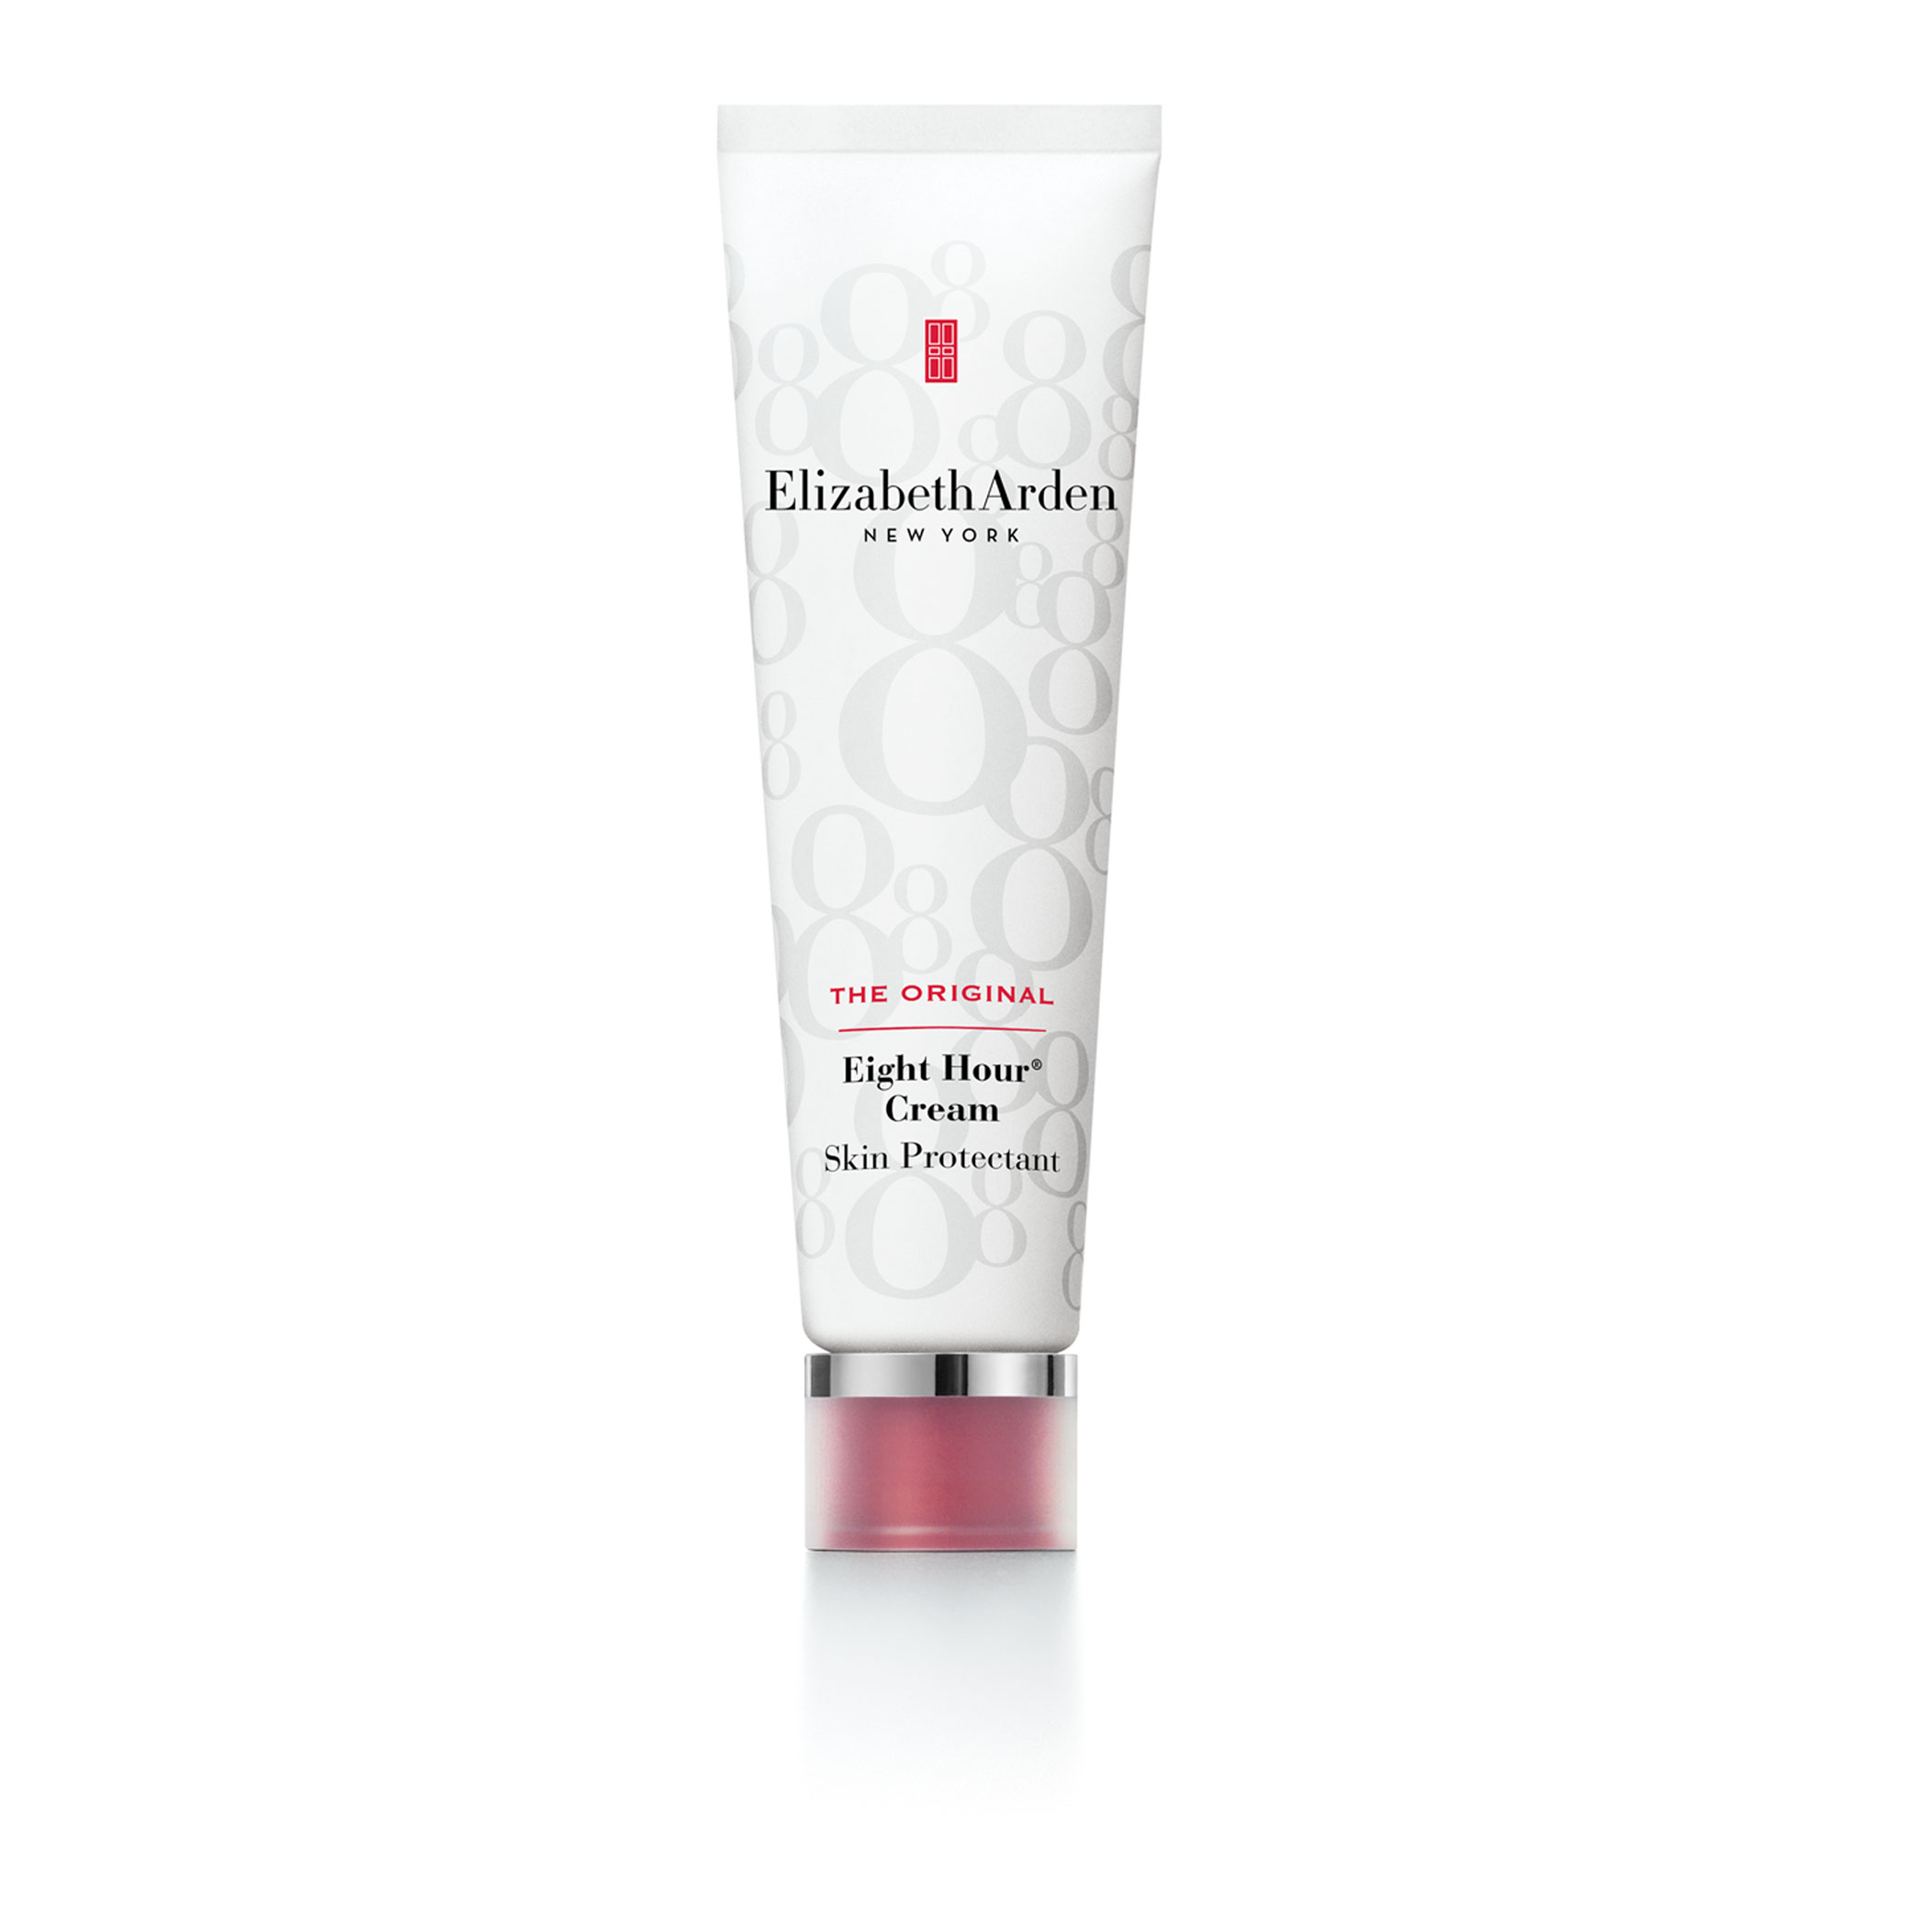 elizabeth arden 8 hour cream